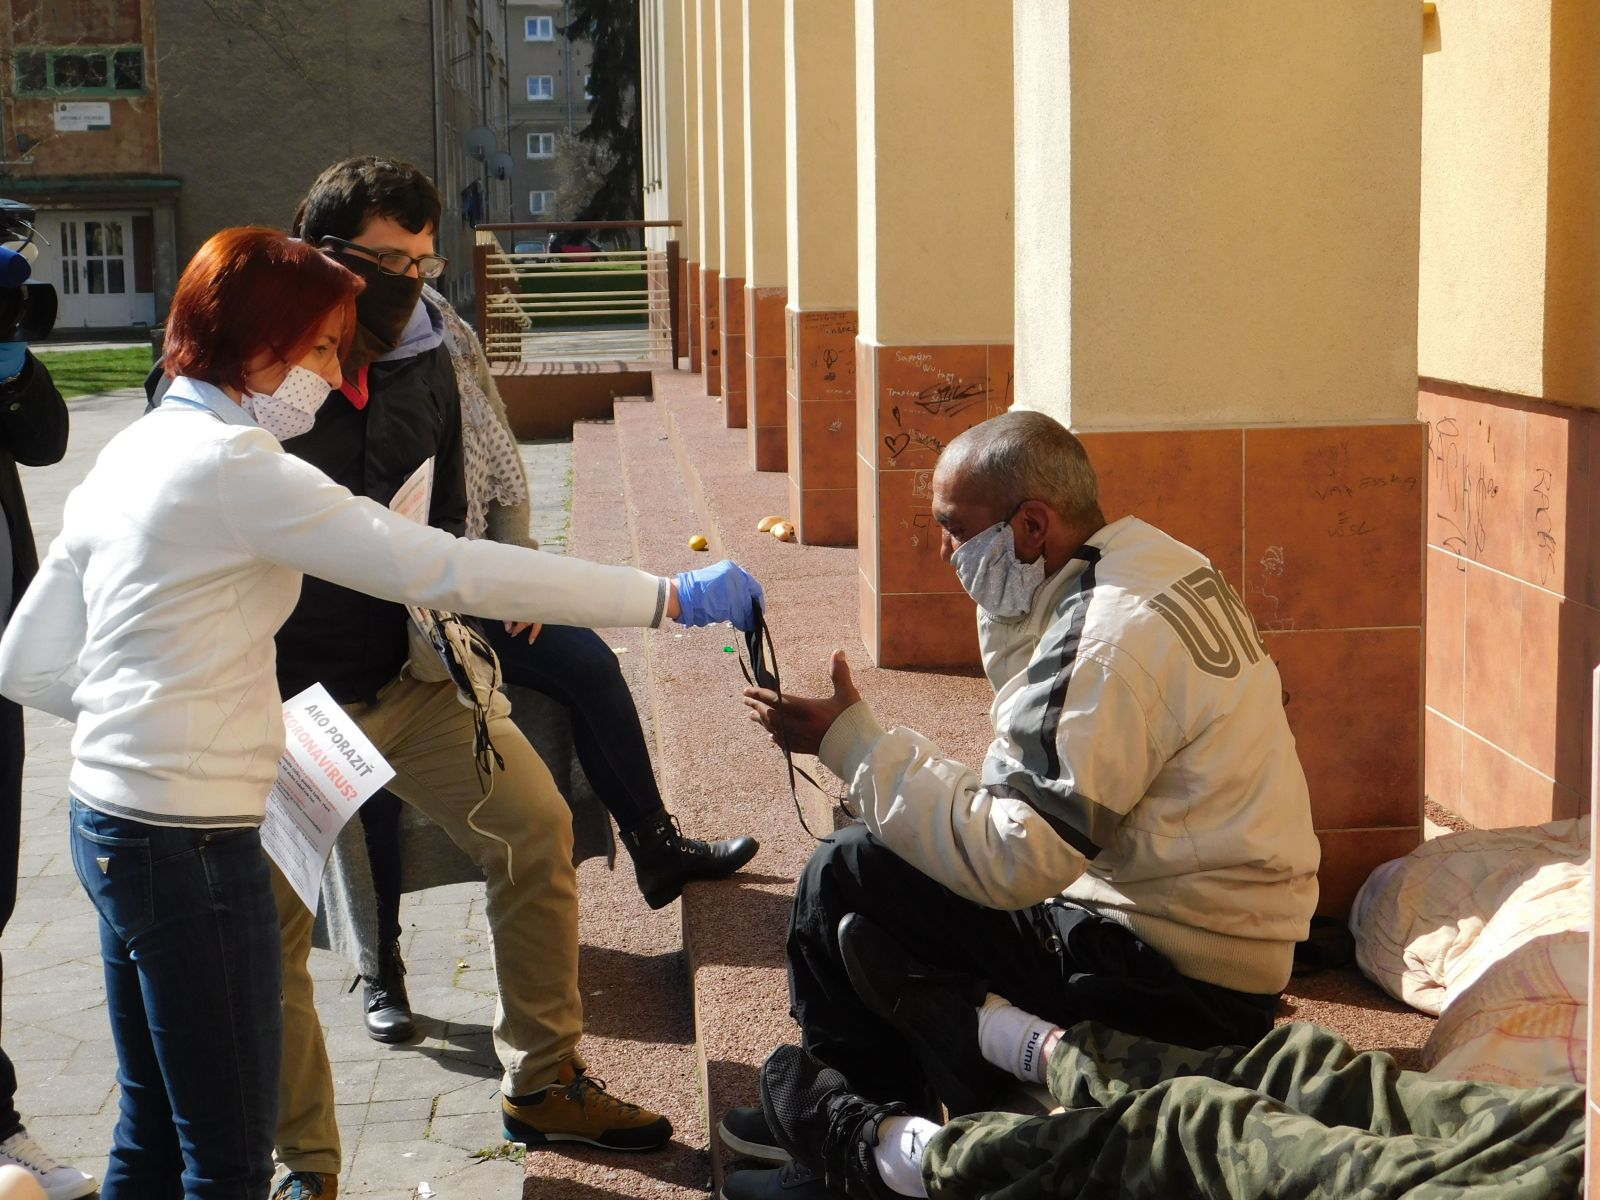 Čeští lidé na ulici musí také čelit koronavirové krizi. Jak dodržovat domácí karanténu, když není žádný domov?